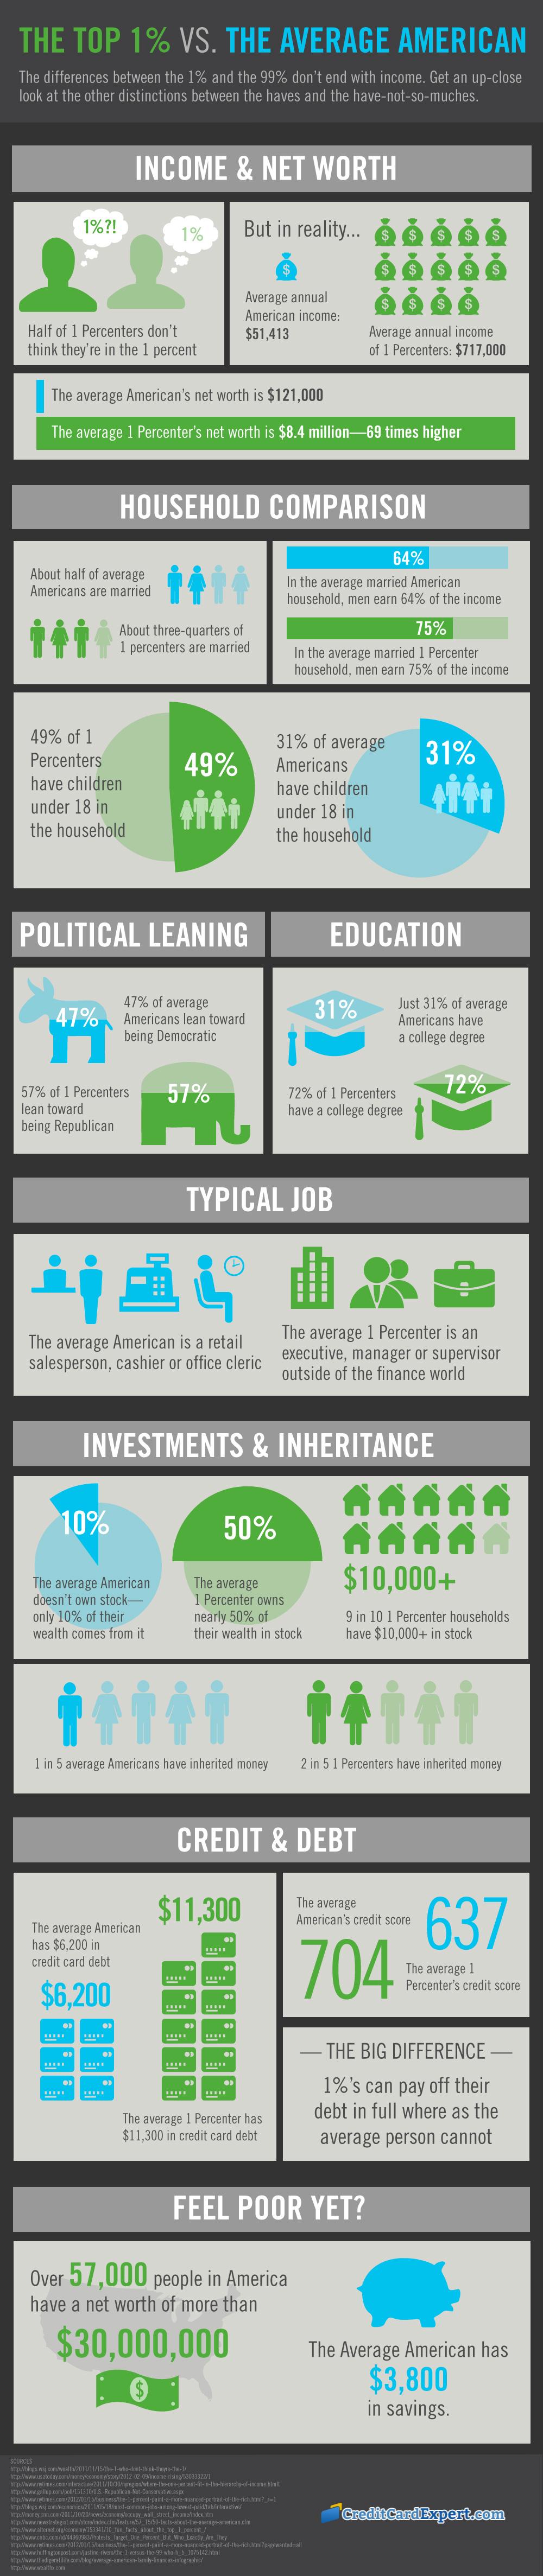 The 1% Vs. The Average American